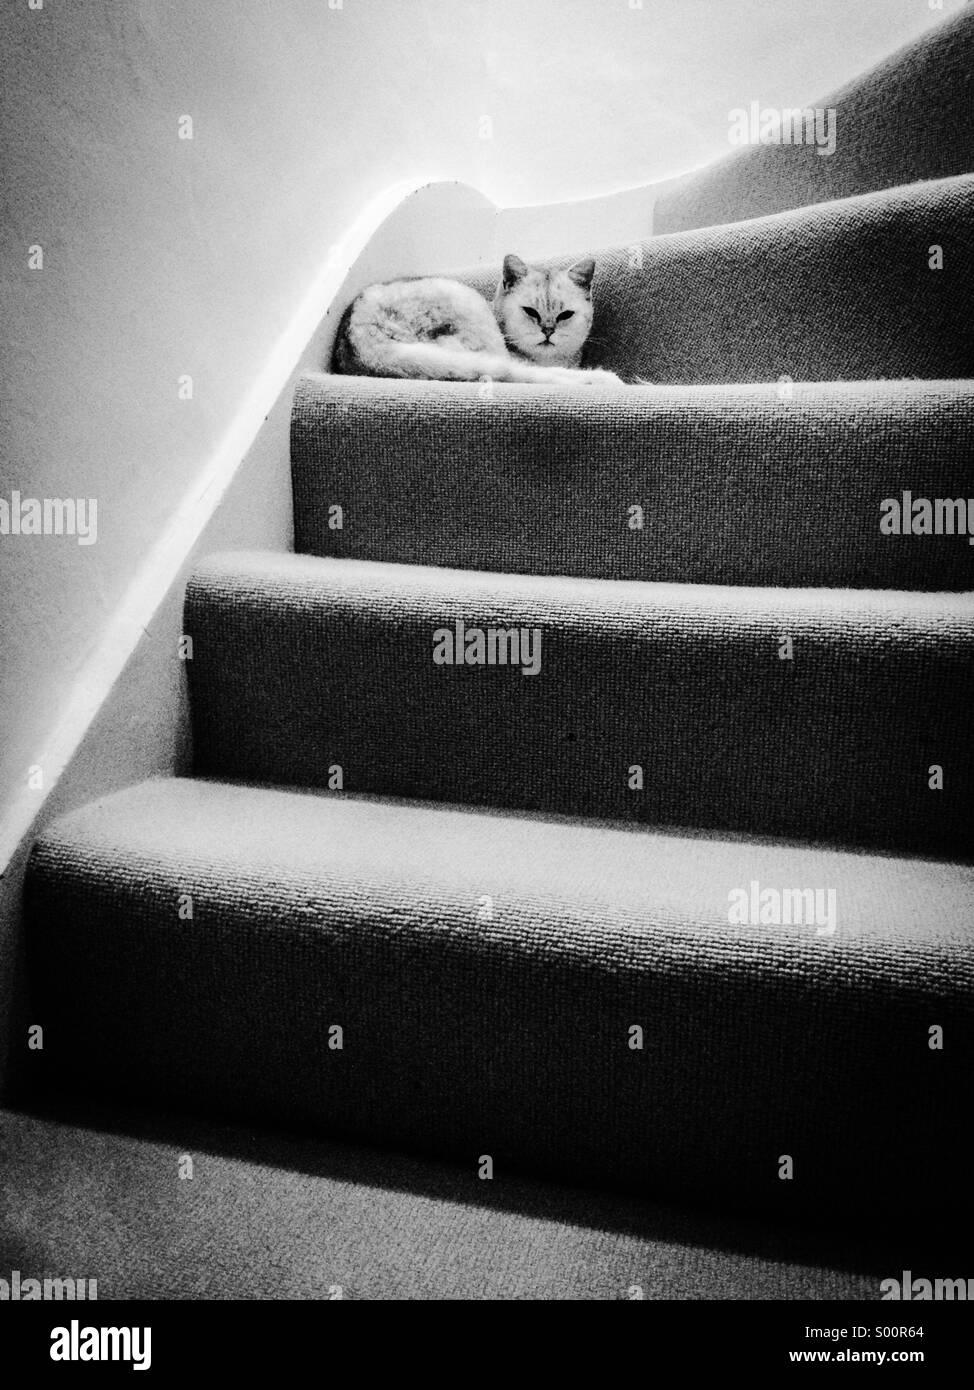 Gato Blanco descansando en las escaleras Imagen De Stock